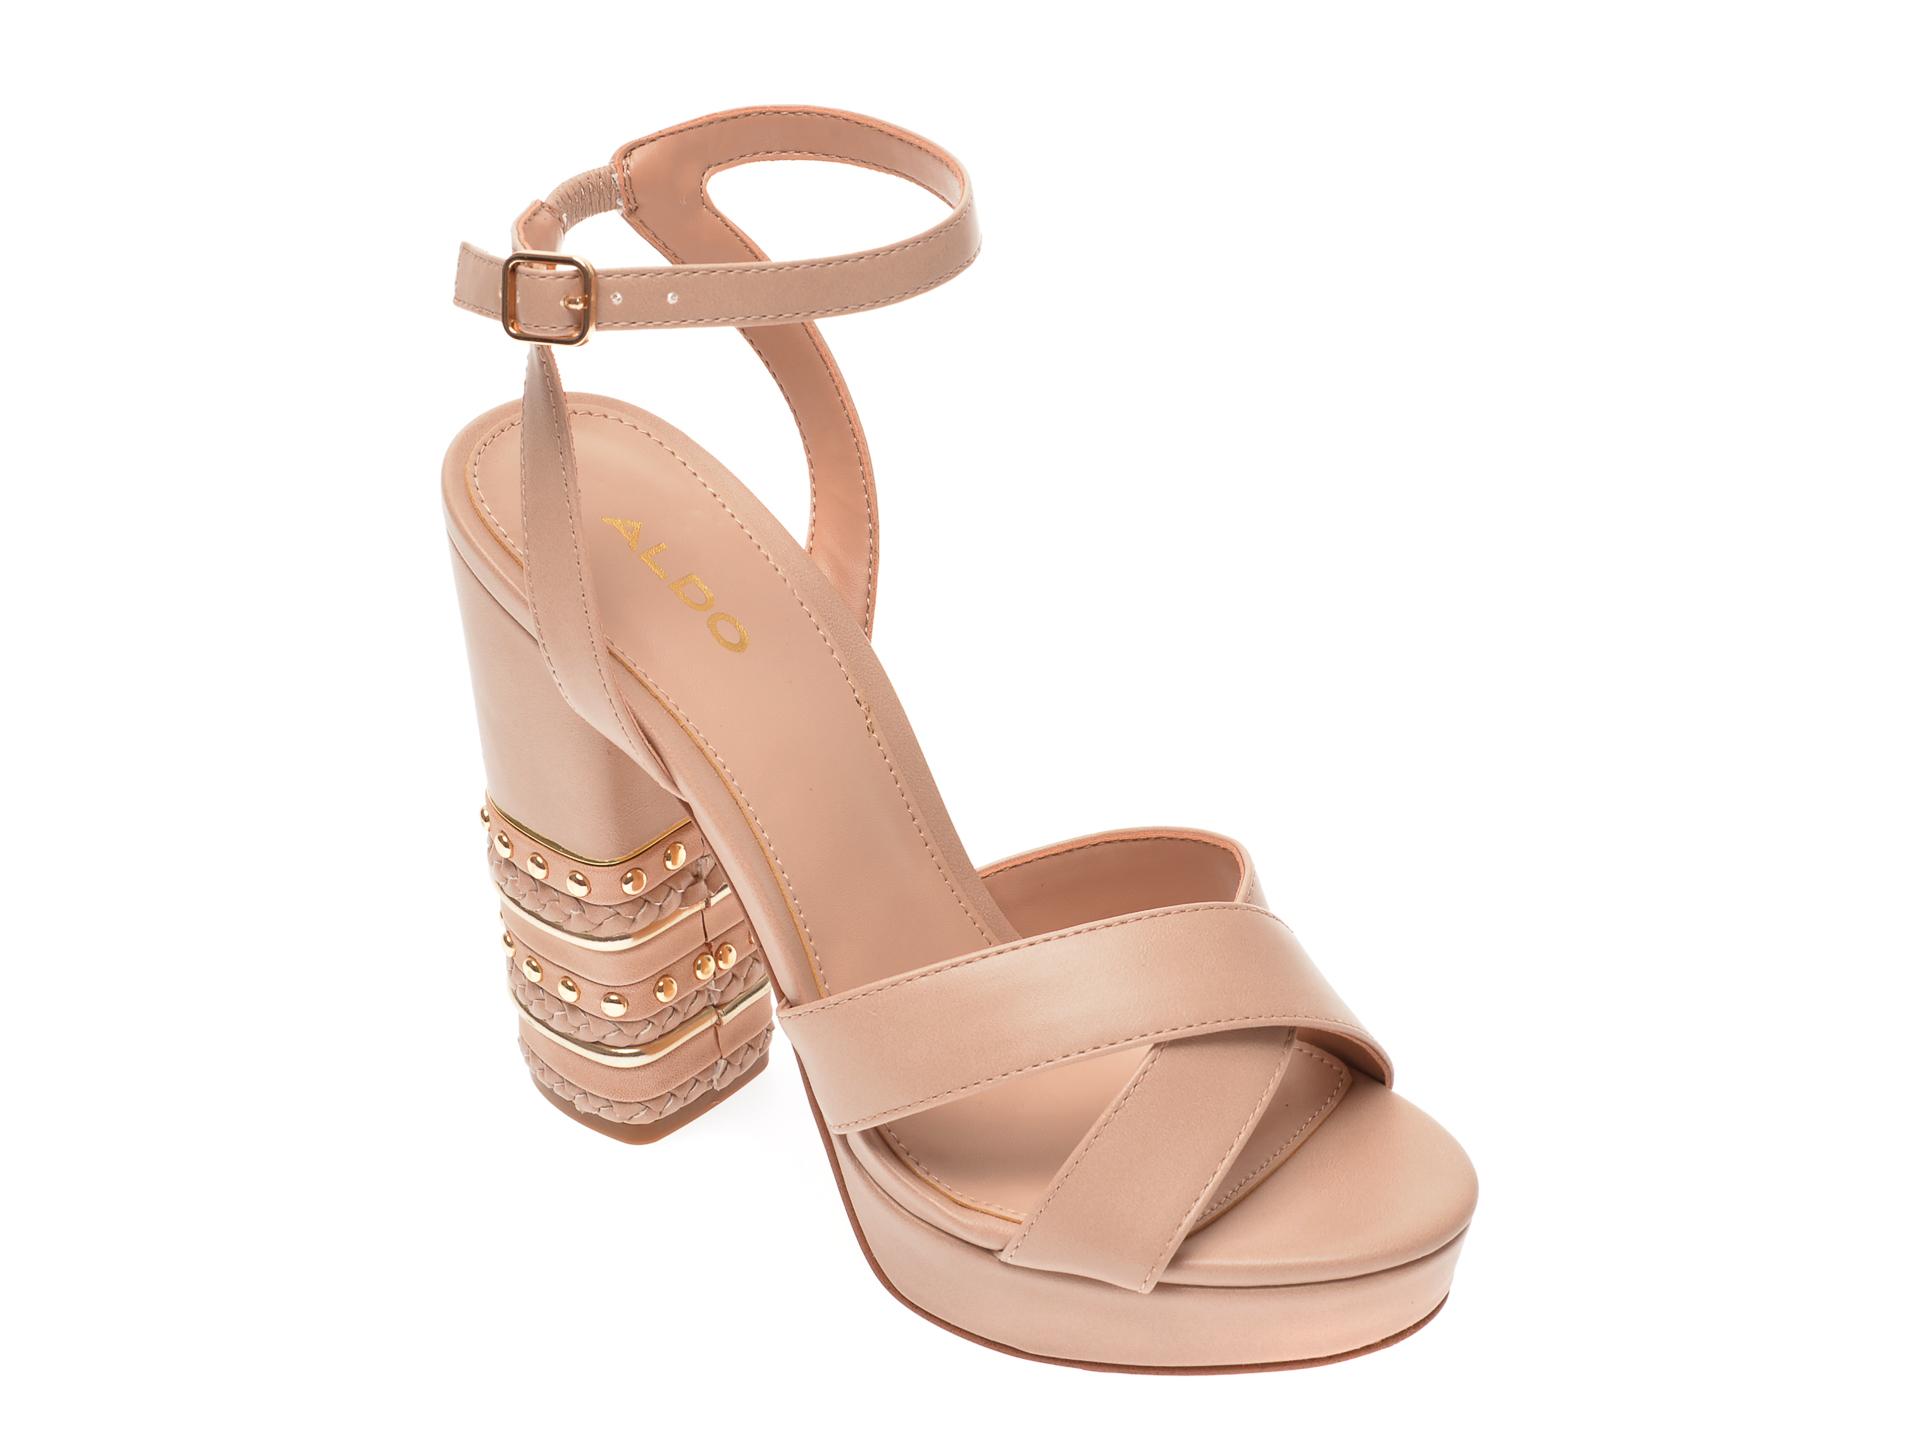 Sandale ALDO nude, Moomba680, din piele ecologica imagine